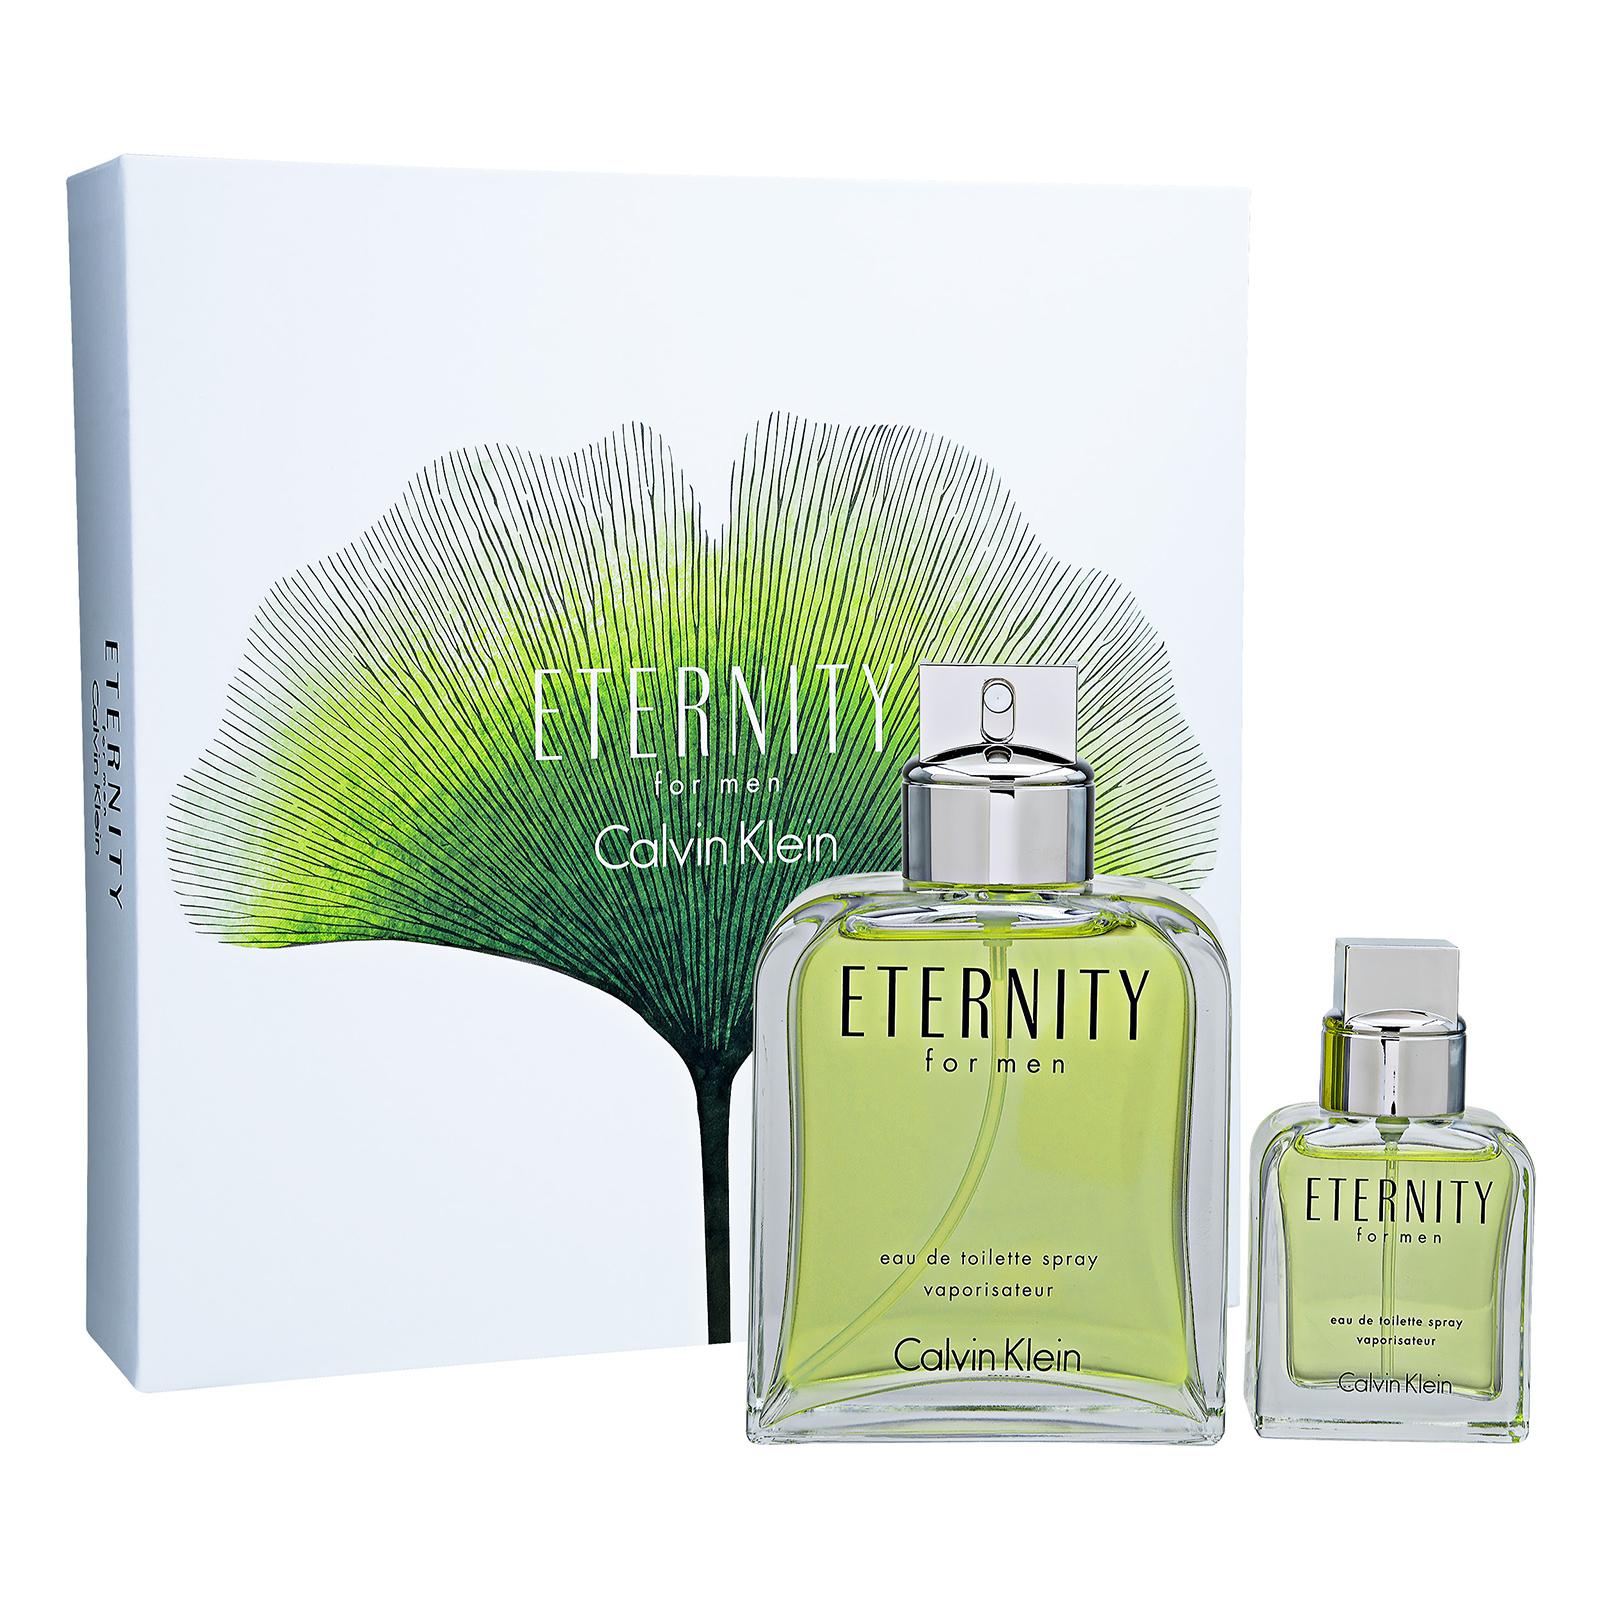 Calvin Klein Eternity For Men EDT 2-Piece Set 1set, 2pcs 200ml 6.7oz Spray